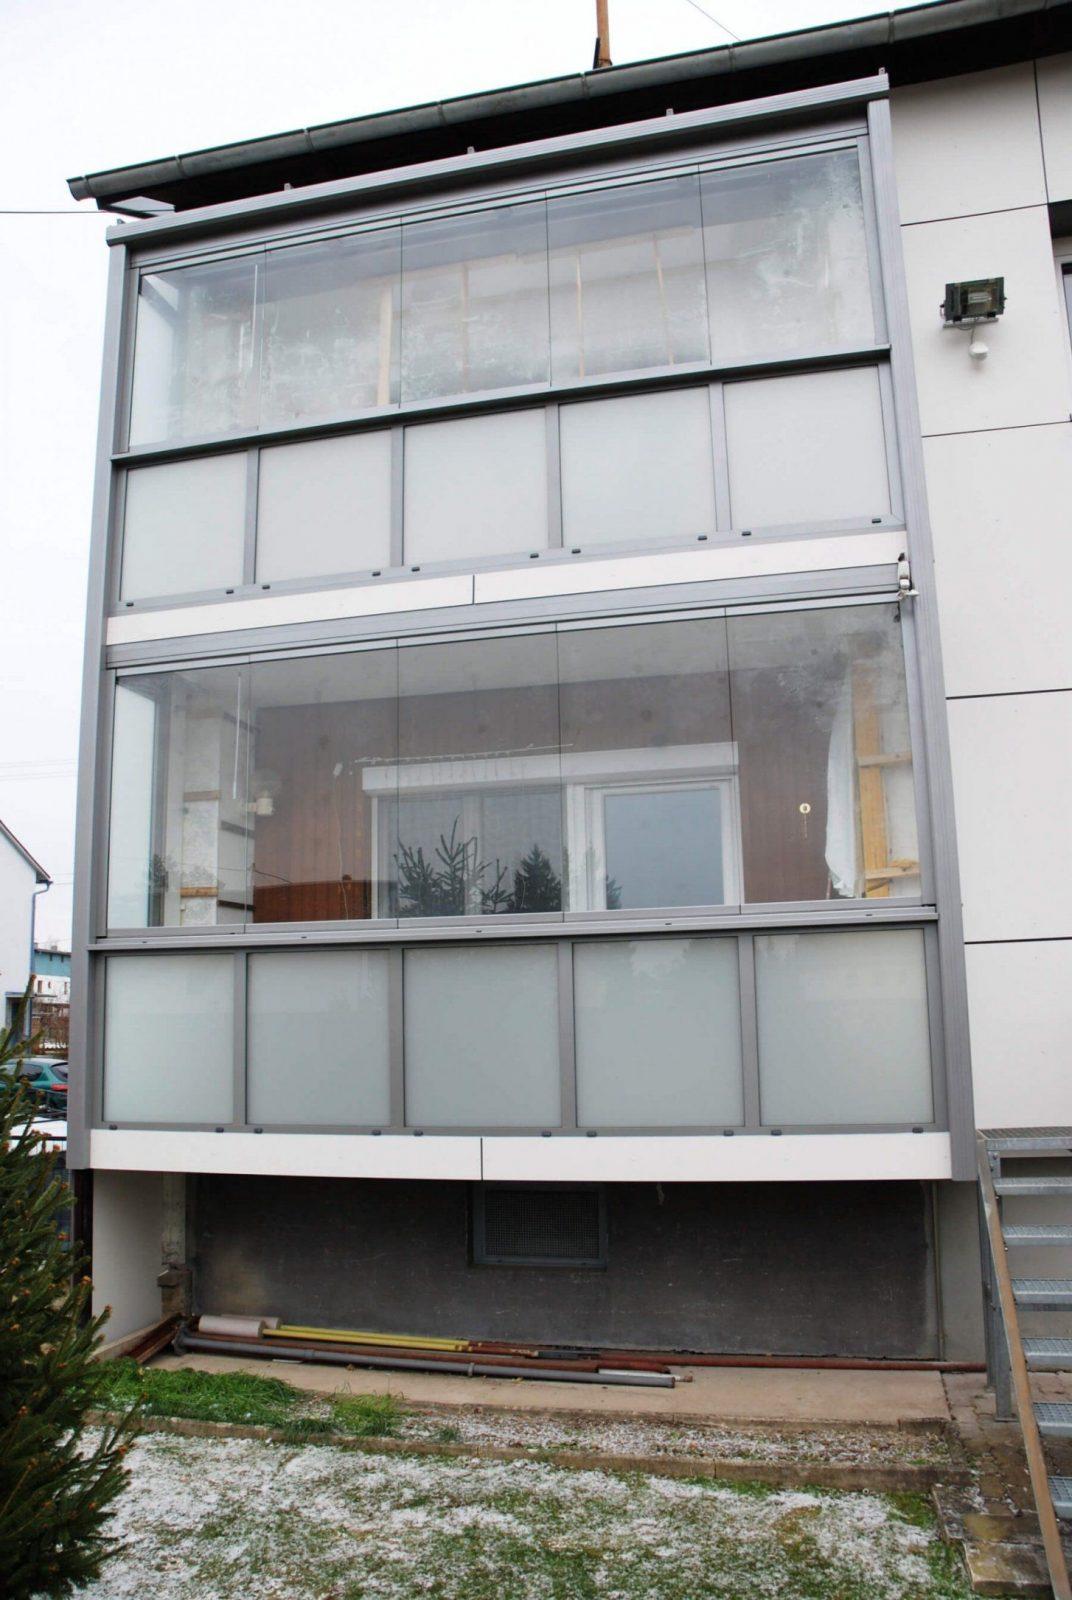 Das Meiste Genial Sichtschutz Balkon Ohne Bohren Fur Wohnen Von